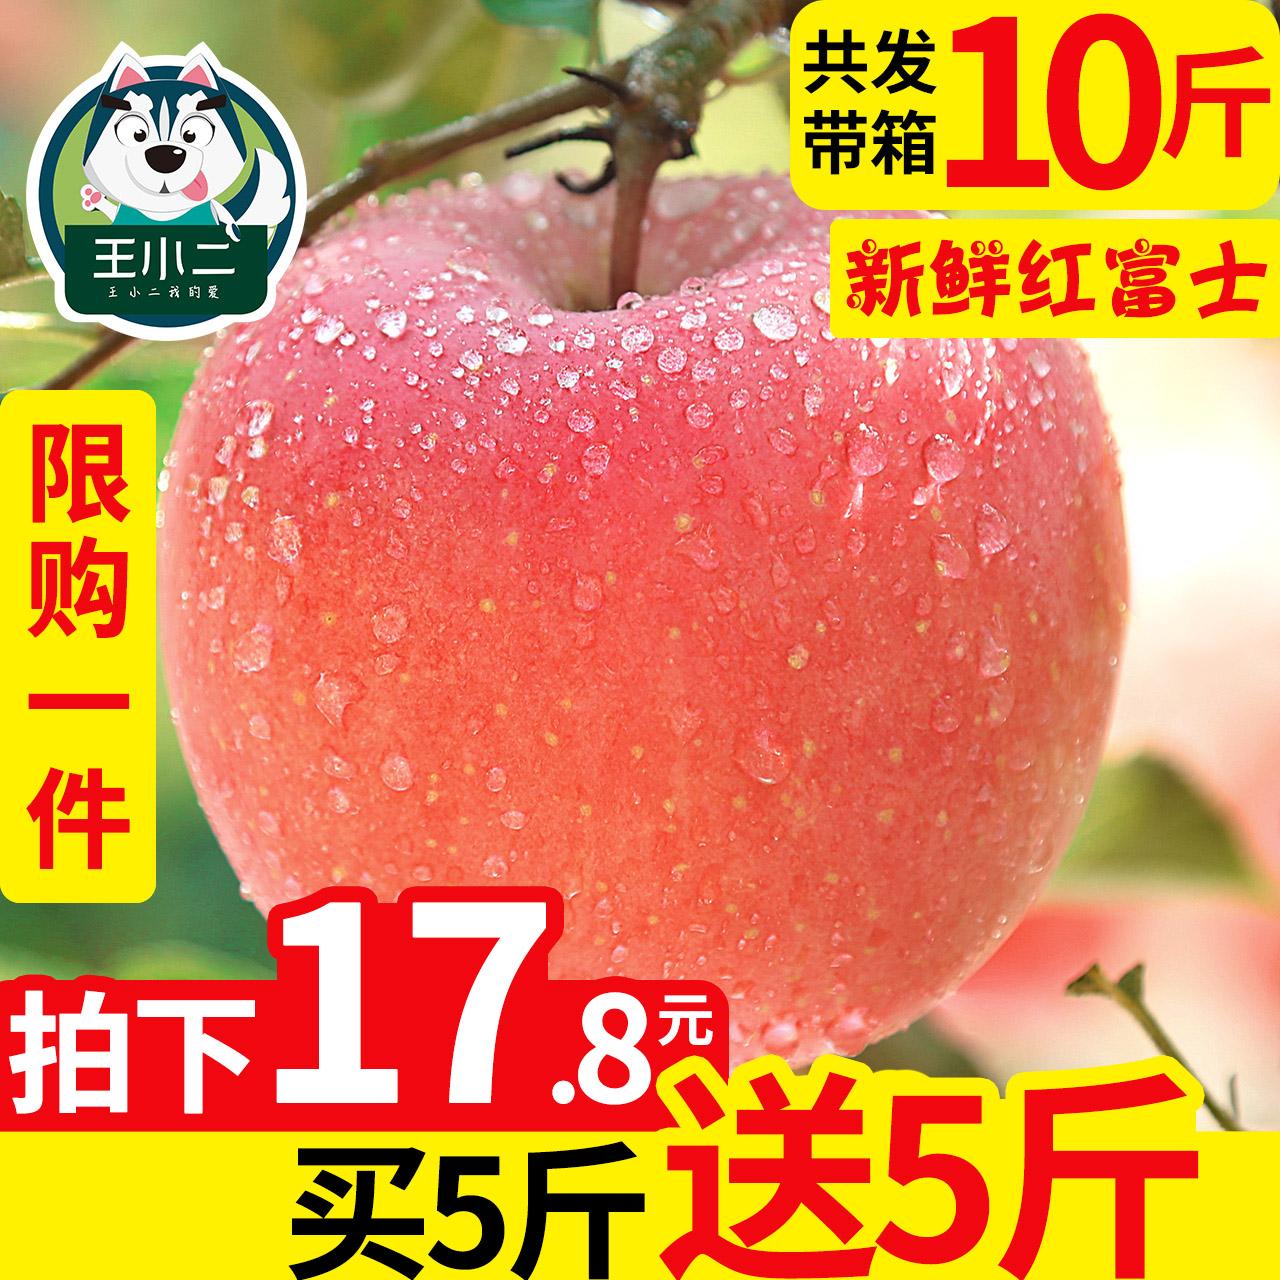 【买1送1】红富士苹果水果新鲜应季带箱10斤当季整箱好于花牛苹果